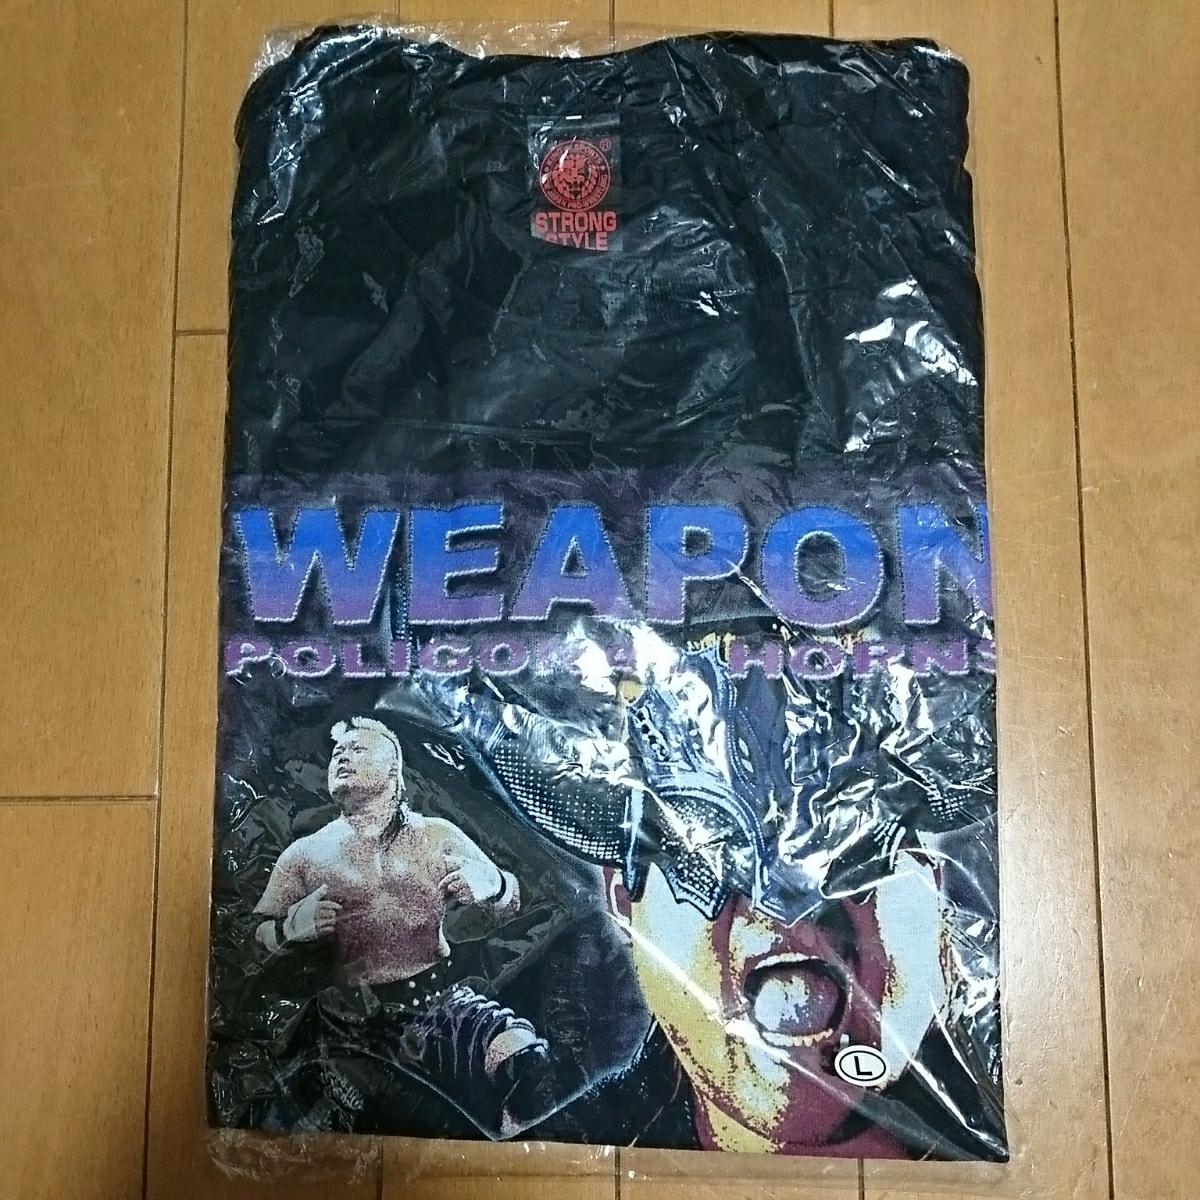 新日本プロレス 天山 広吉 Tシャツ 新品 未使用 黒プロレス 格闘技 Lサイズ グッズの画像